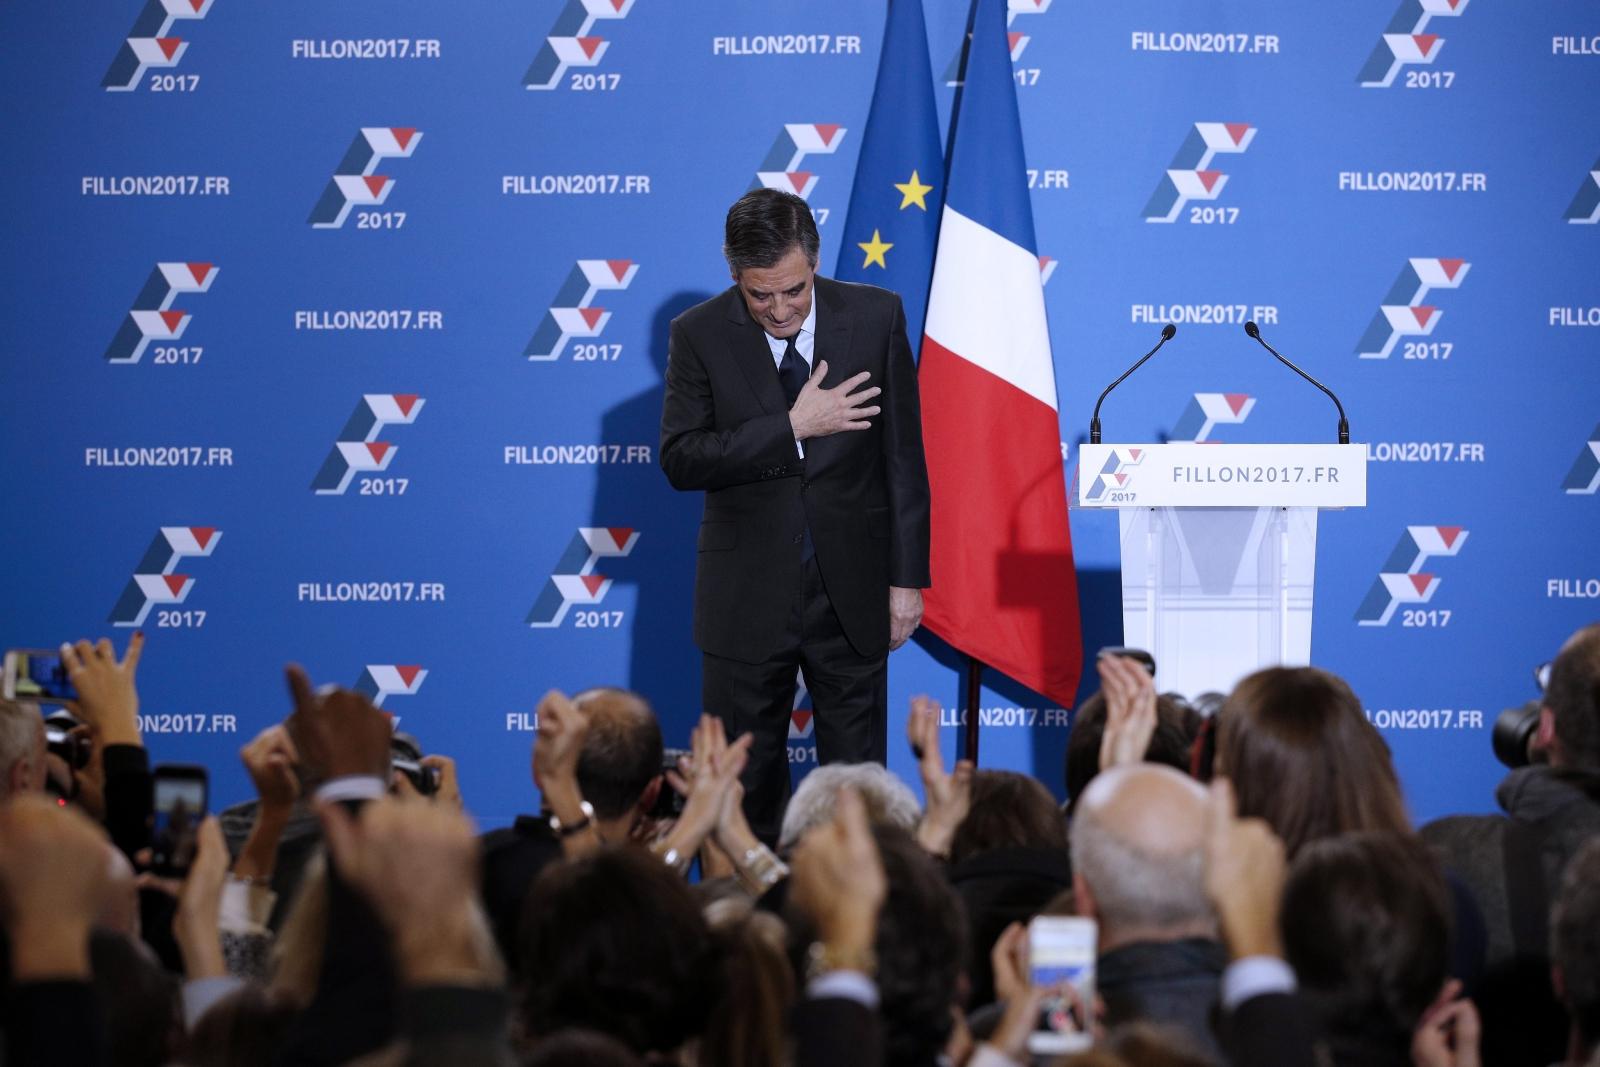 Były premier i kandydat na prezydenta Francji, Francois Fillon, po przemówieniu podczas drugiej rundy wyborczej.  Fot. PAP/EPA/YOAN VALAT